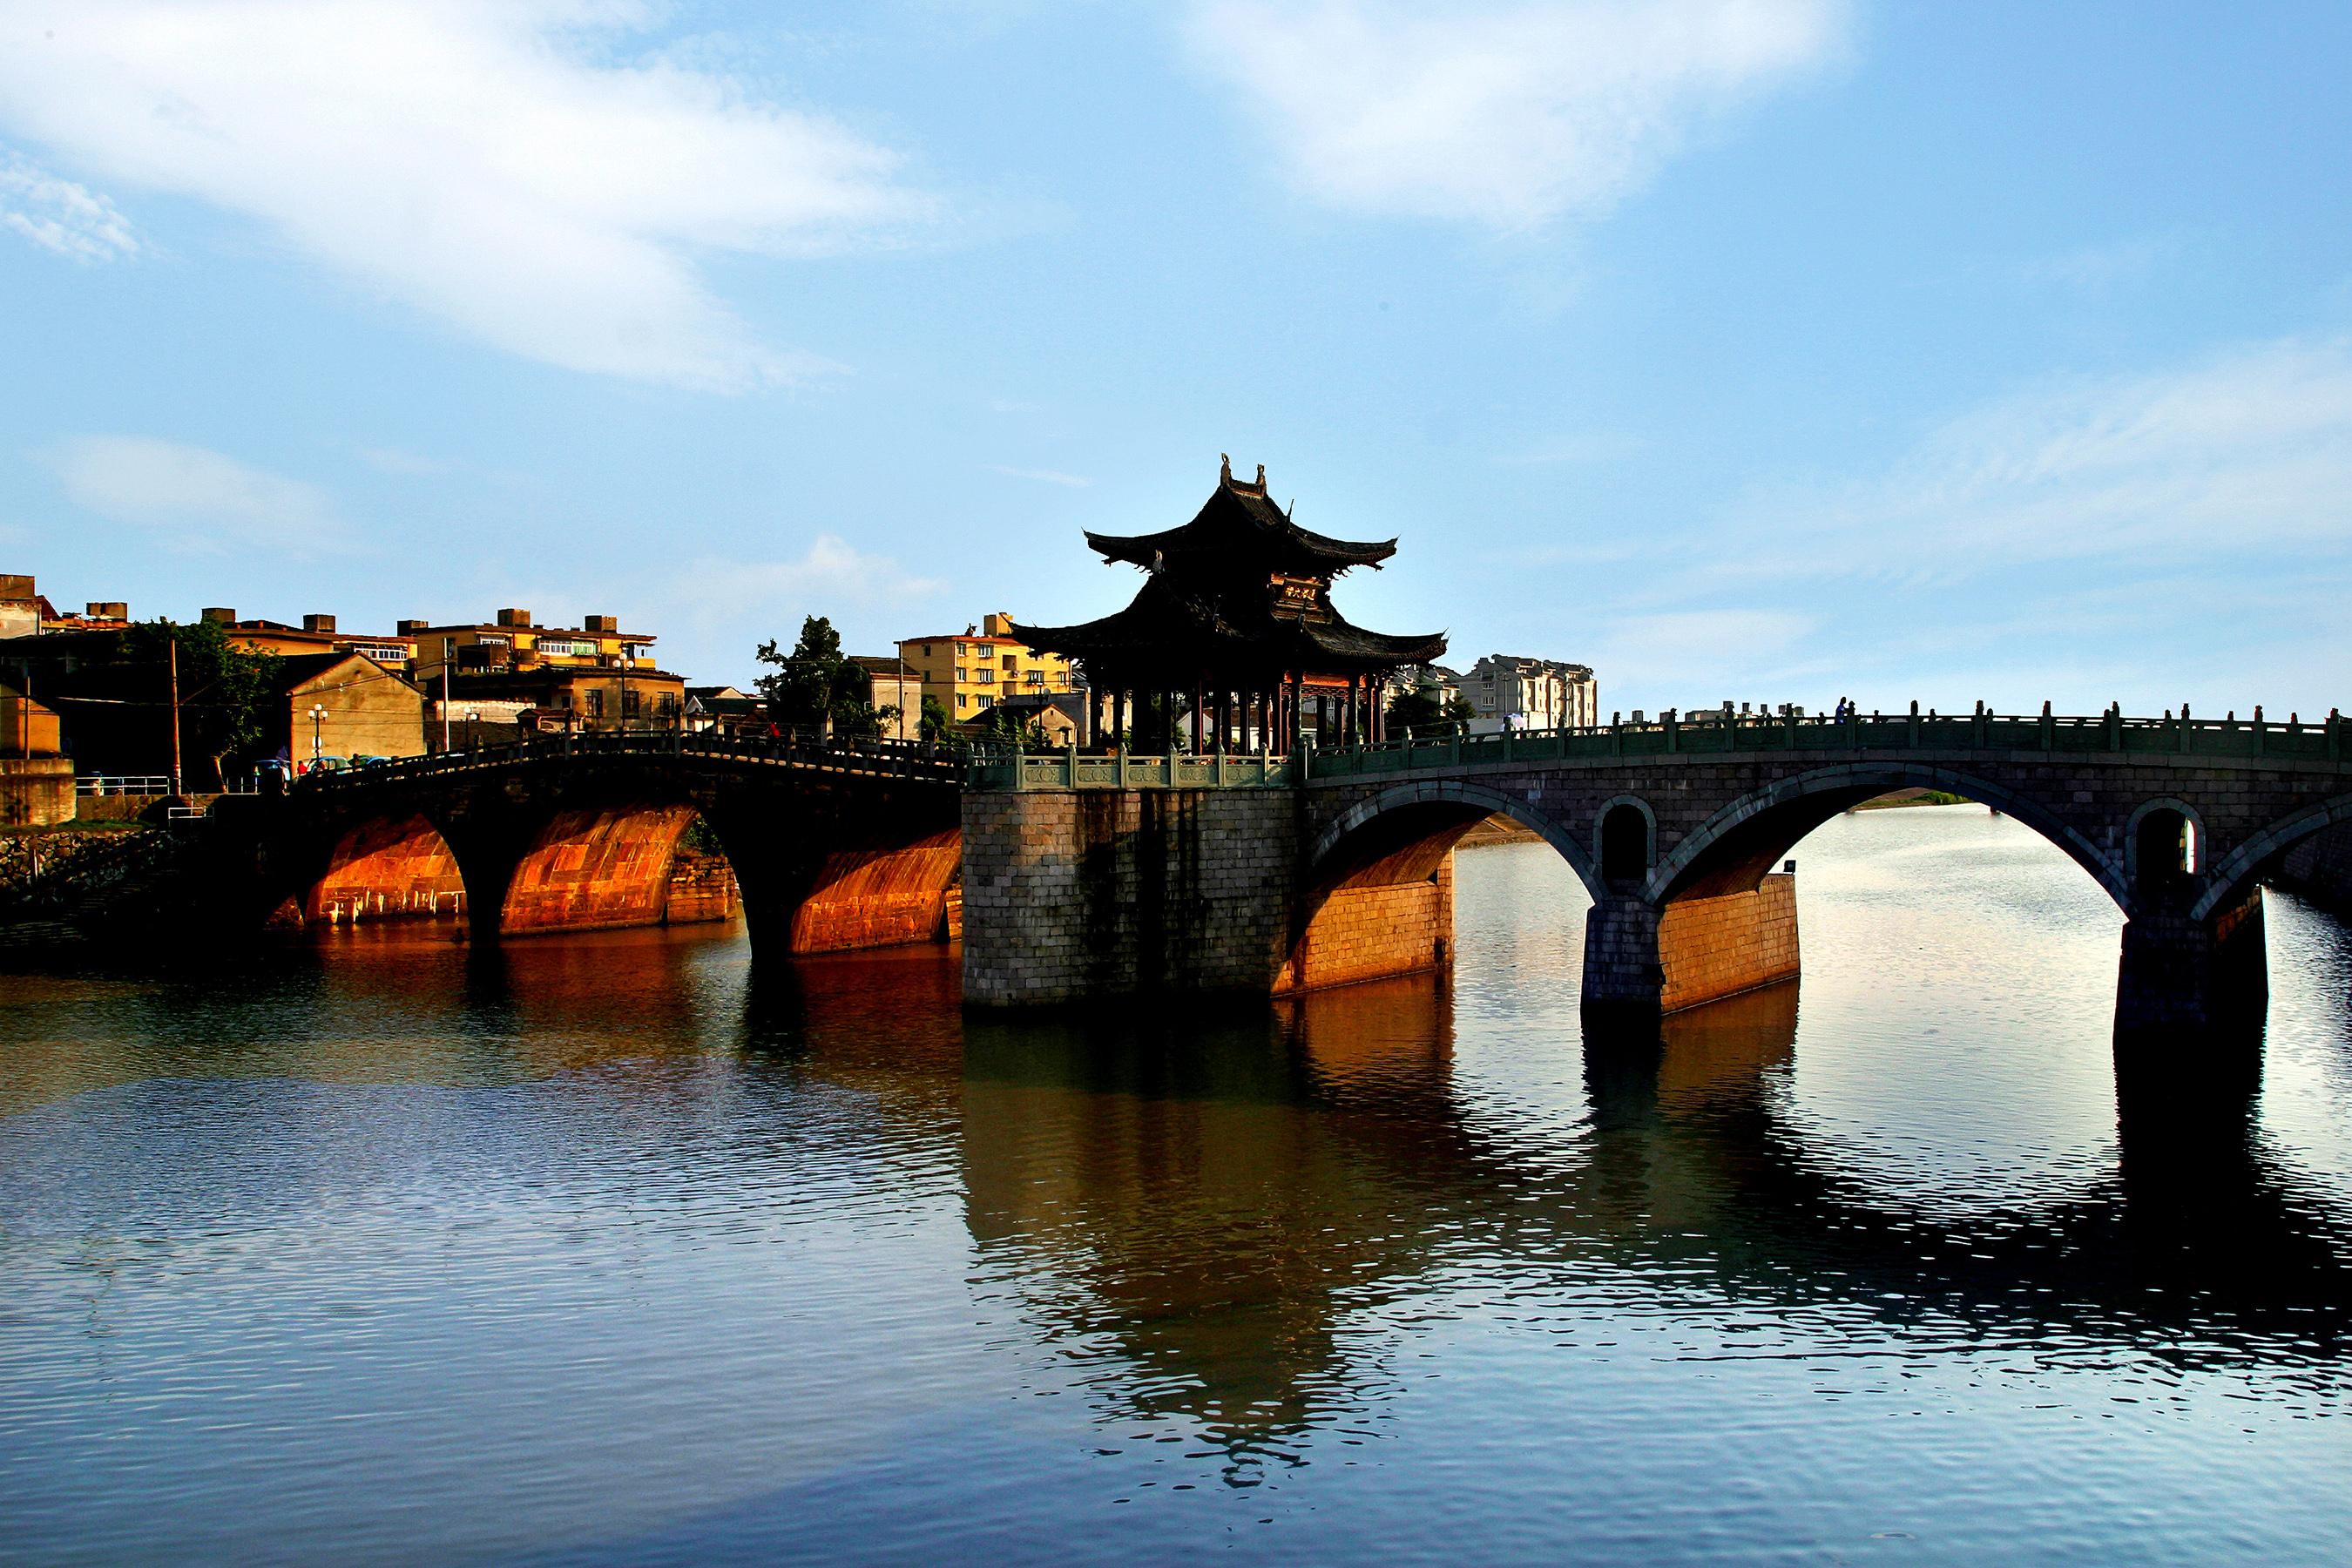 Tongji Bridge over the Beijing-Hangzhou Grand Canal